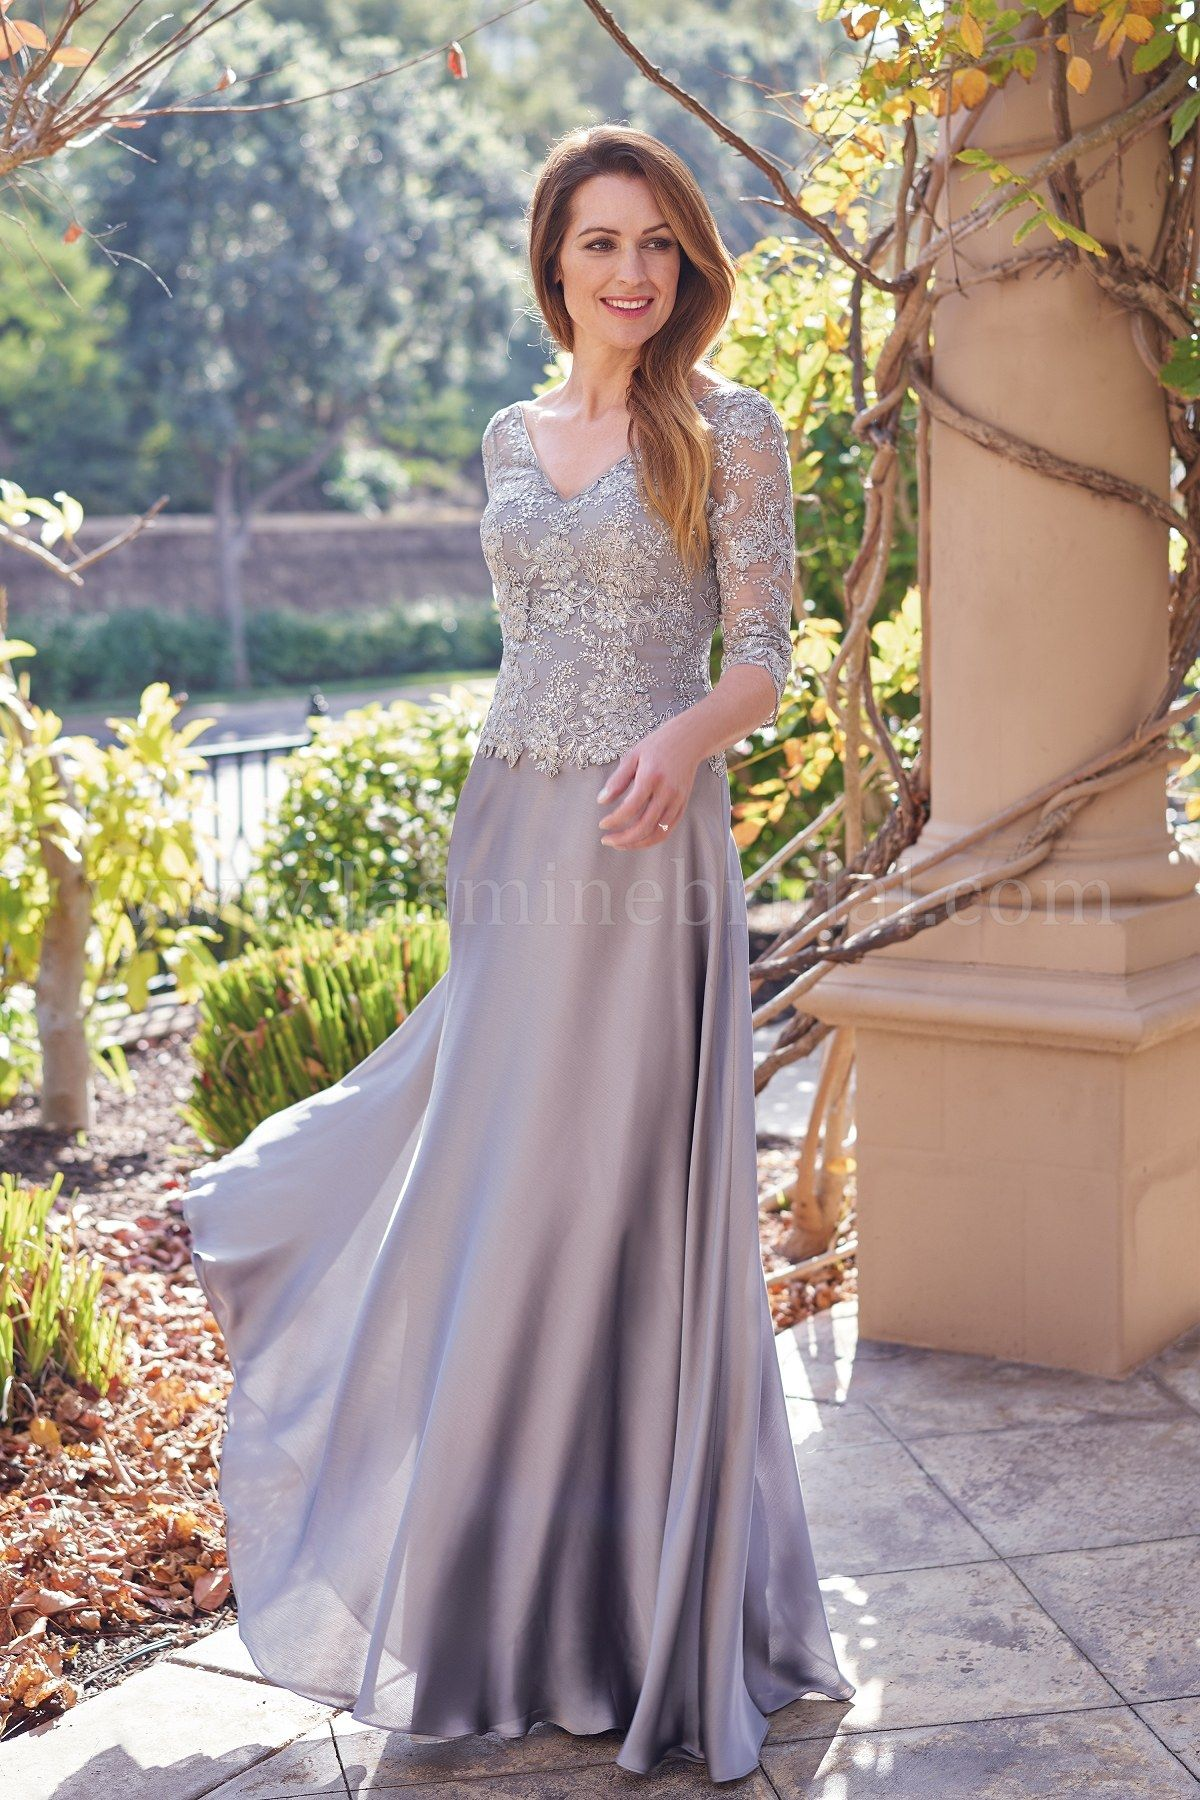 b13afdd826 K208055 V-neck Lace   Satin Face Chiffon MOB Dress